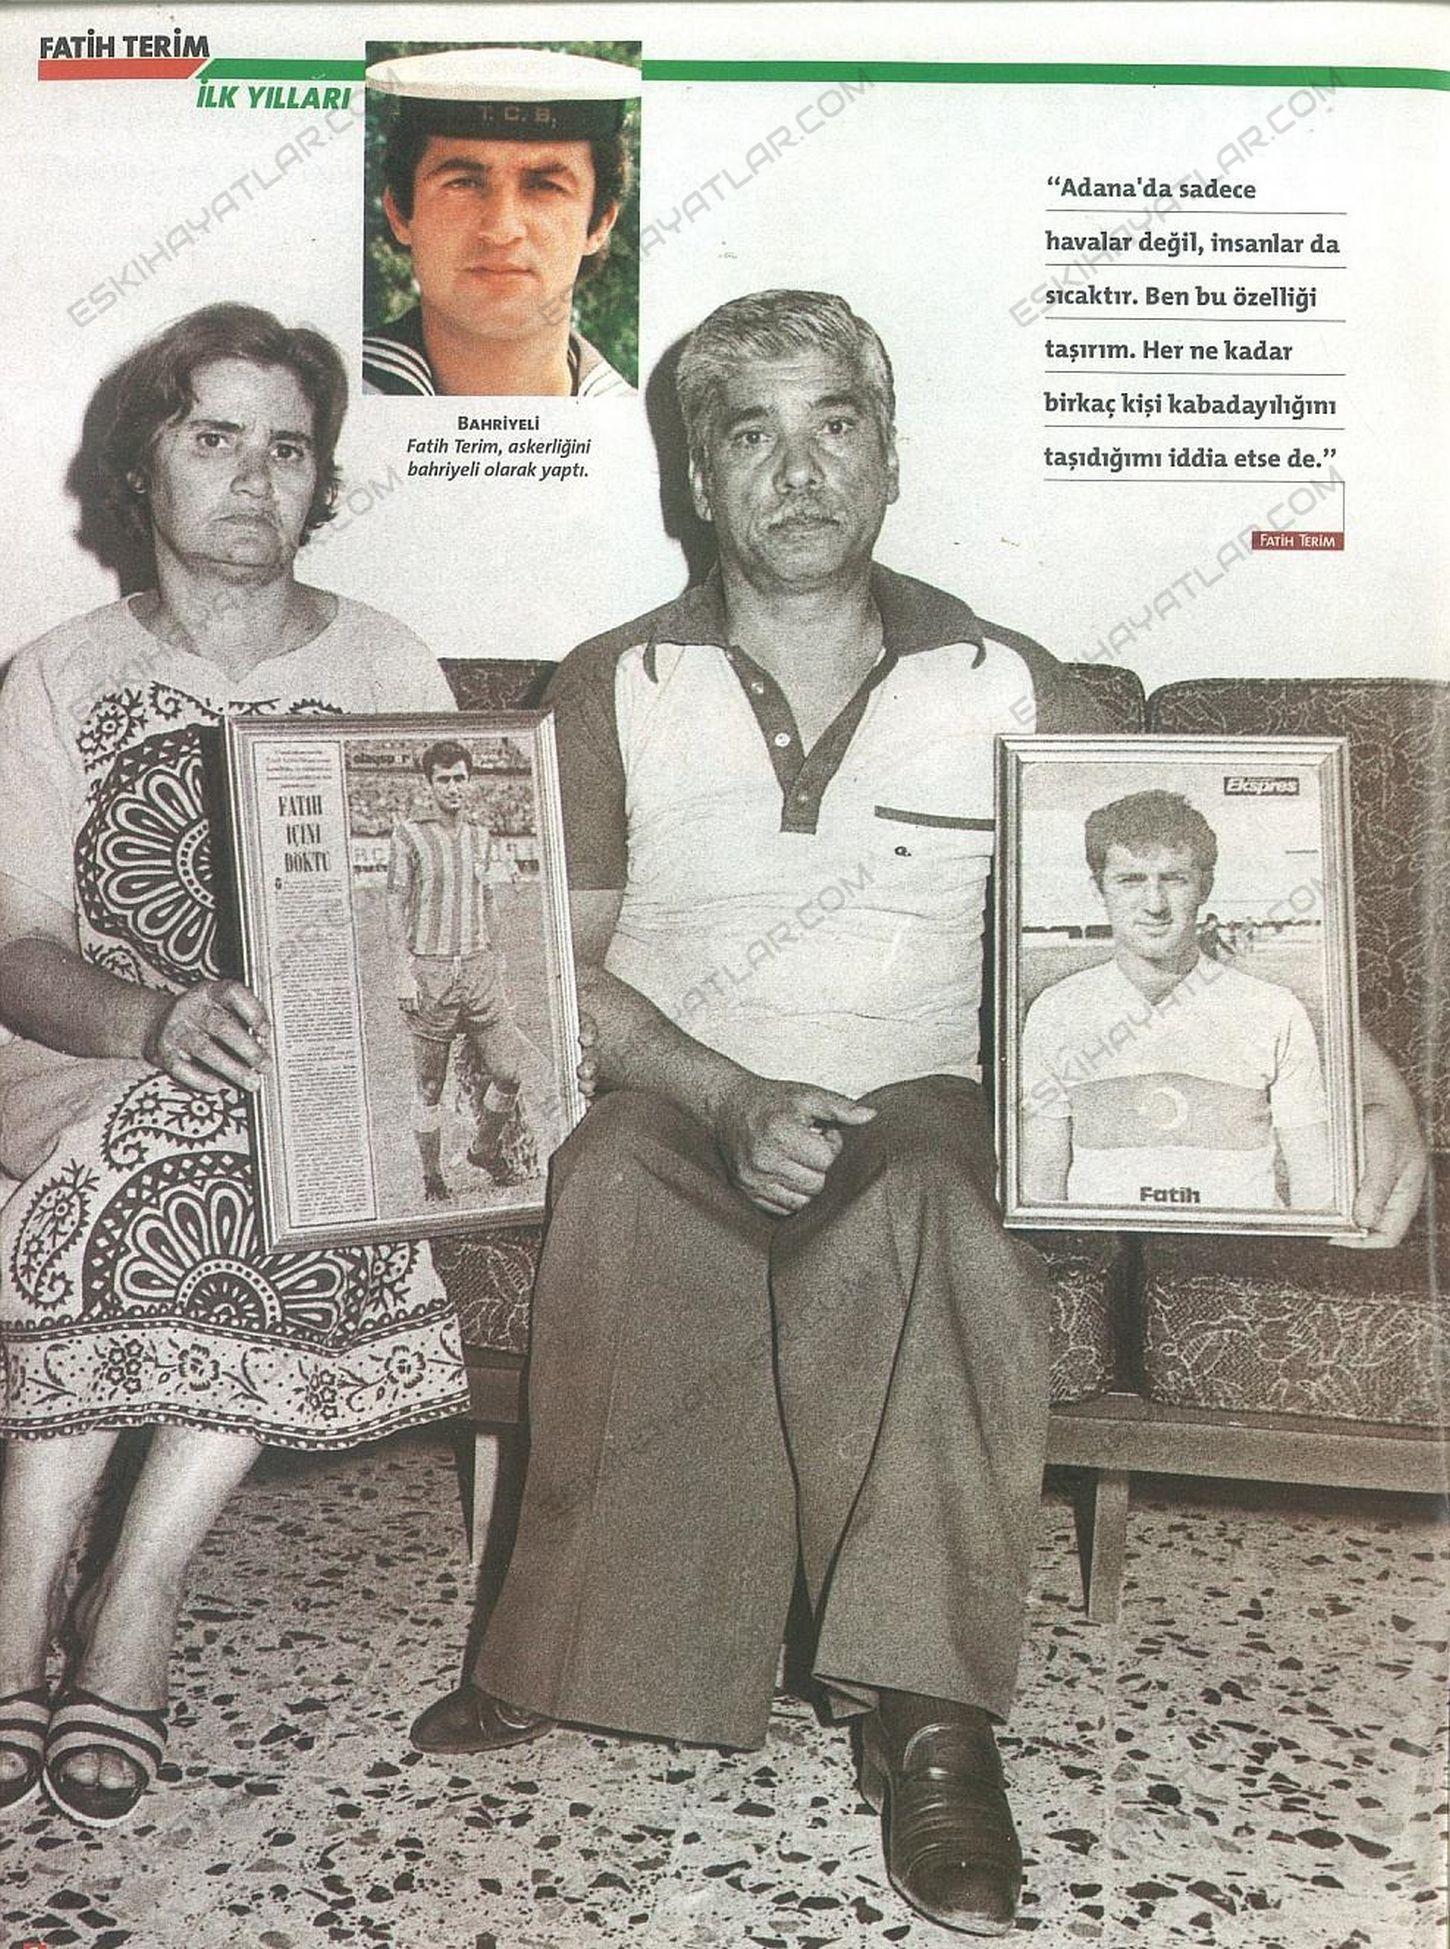 fatih-terim-fotograflari-fatih-terim-futbol-kariyeri-2000-yili-tempo-dergisi-arsivleri (5)